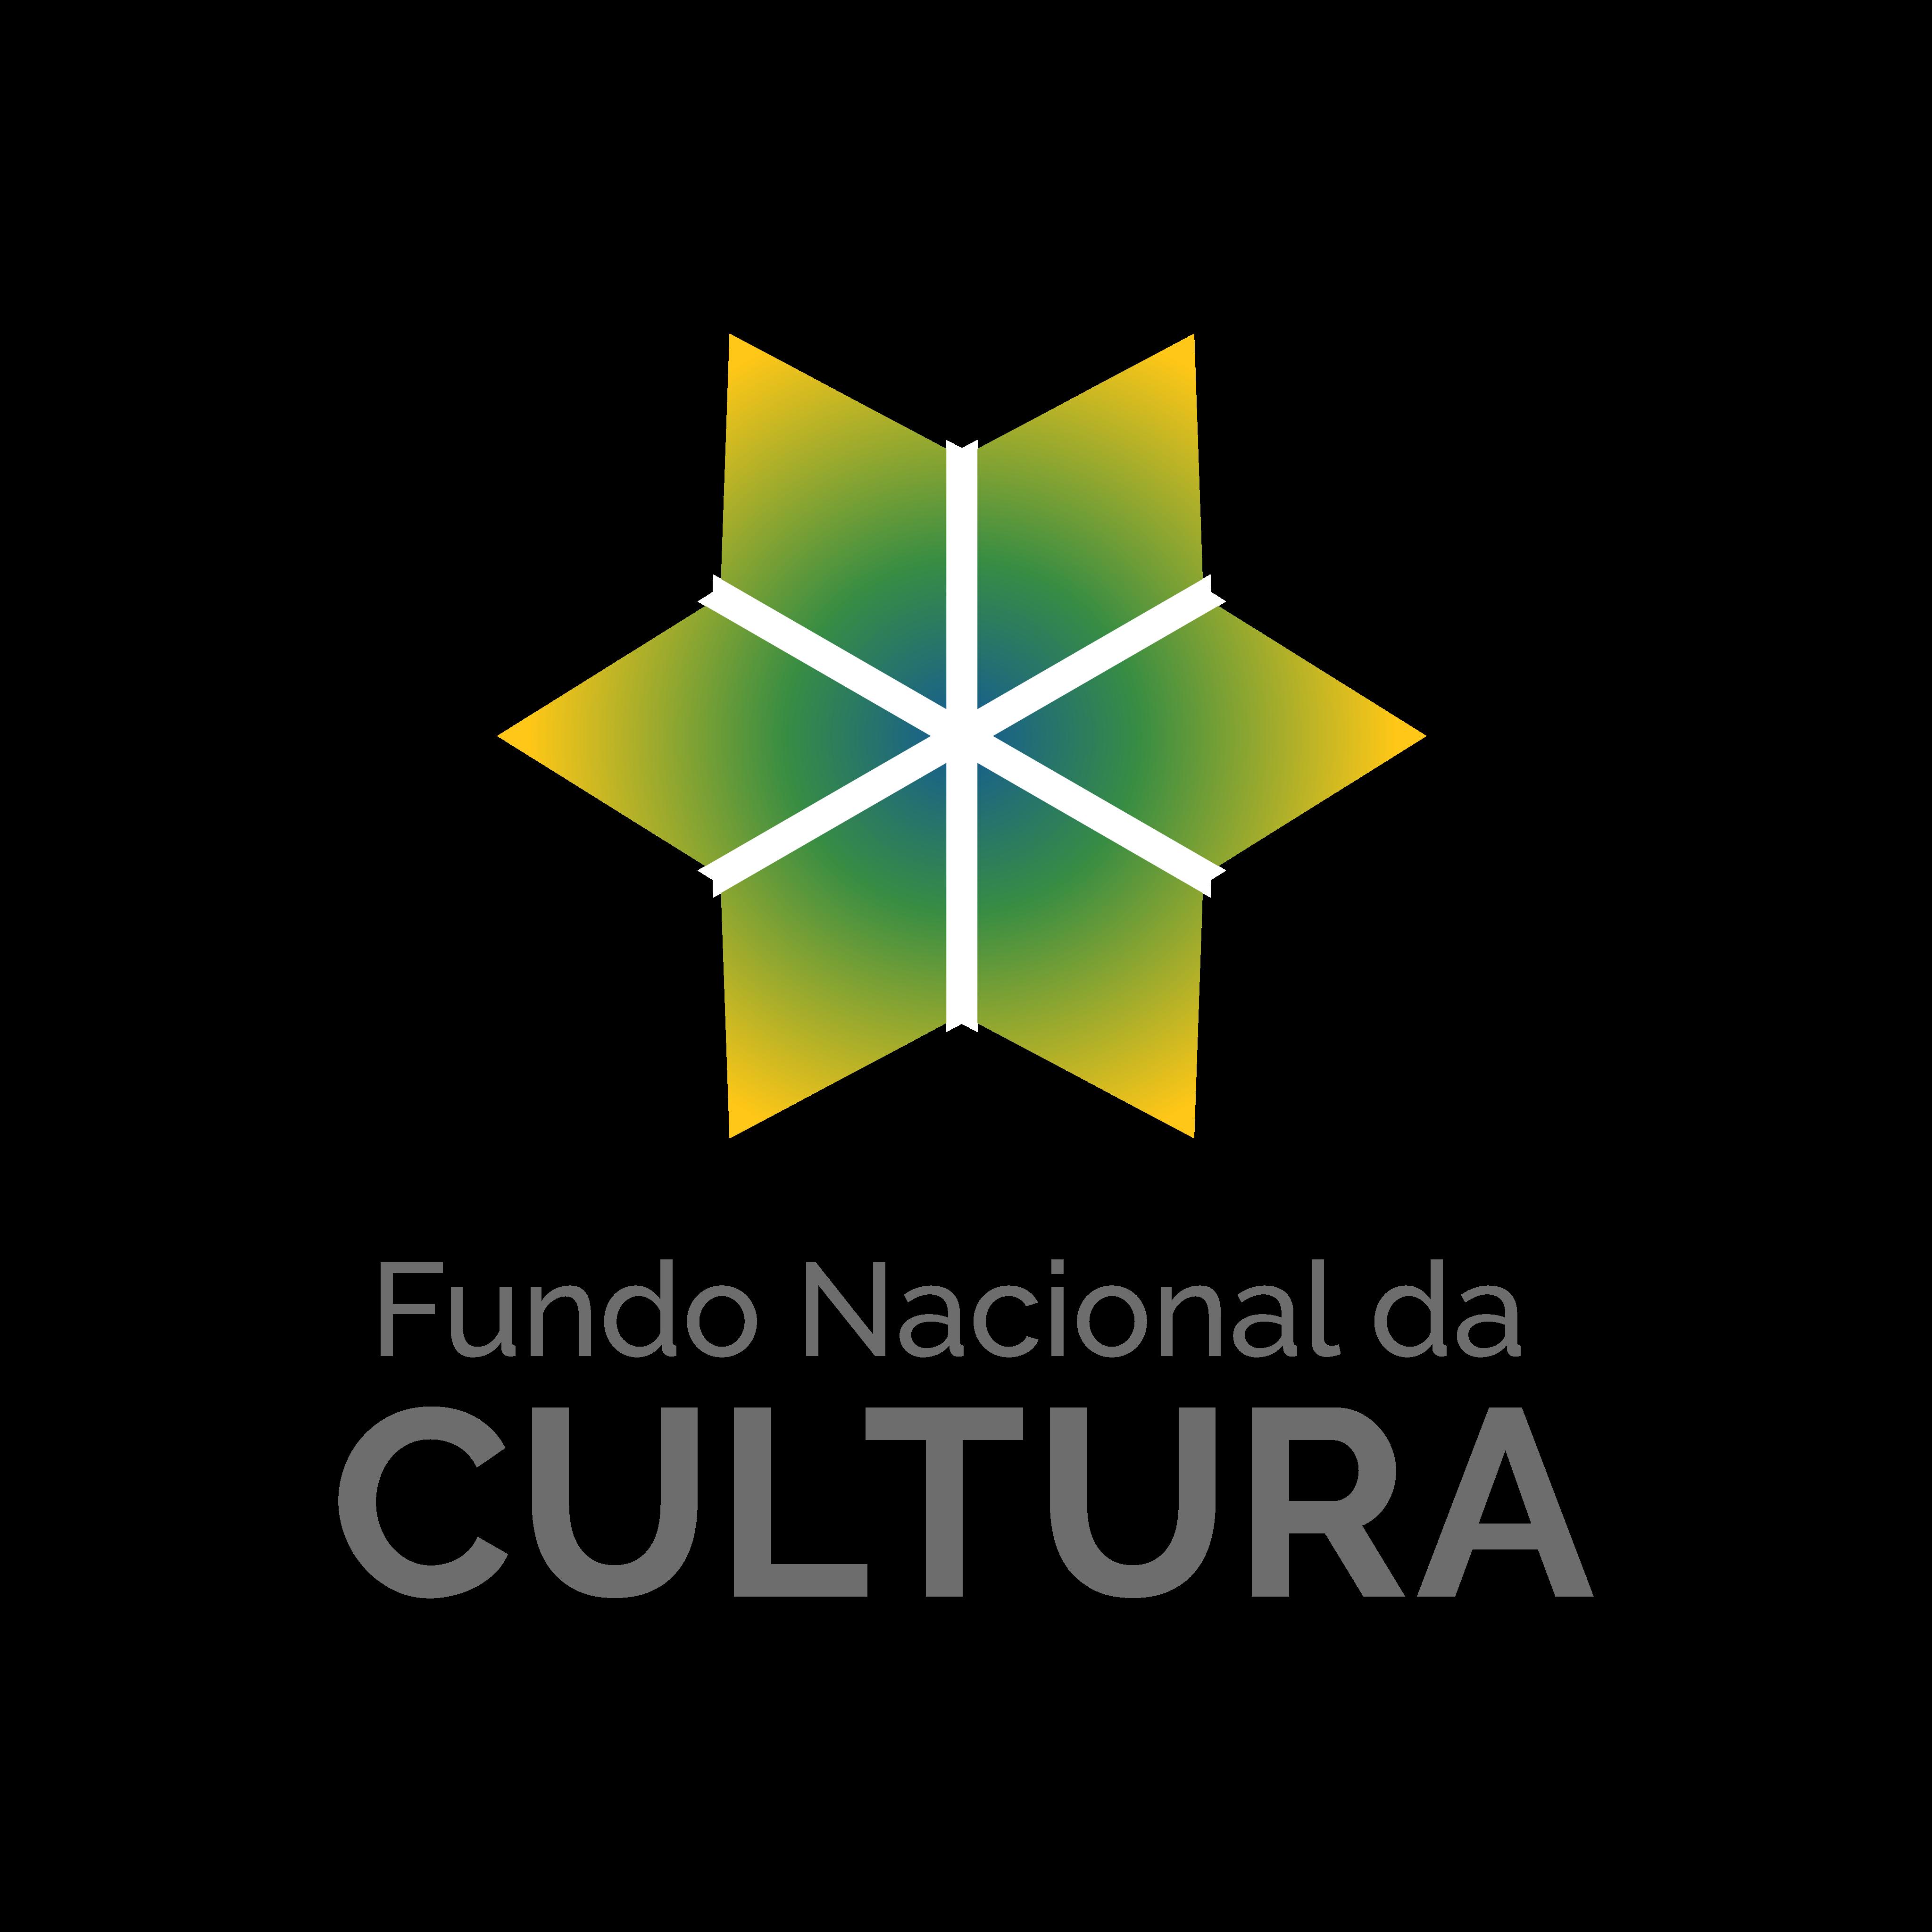 fundo nacional da cultura logo 0 - Fundo Nacional da Cultura Logo